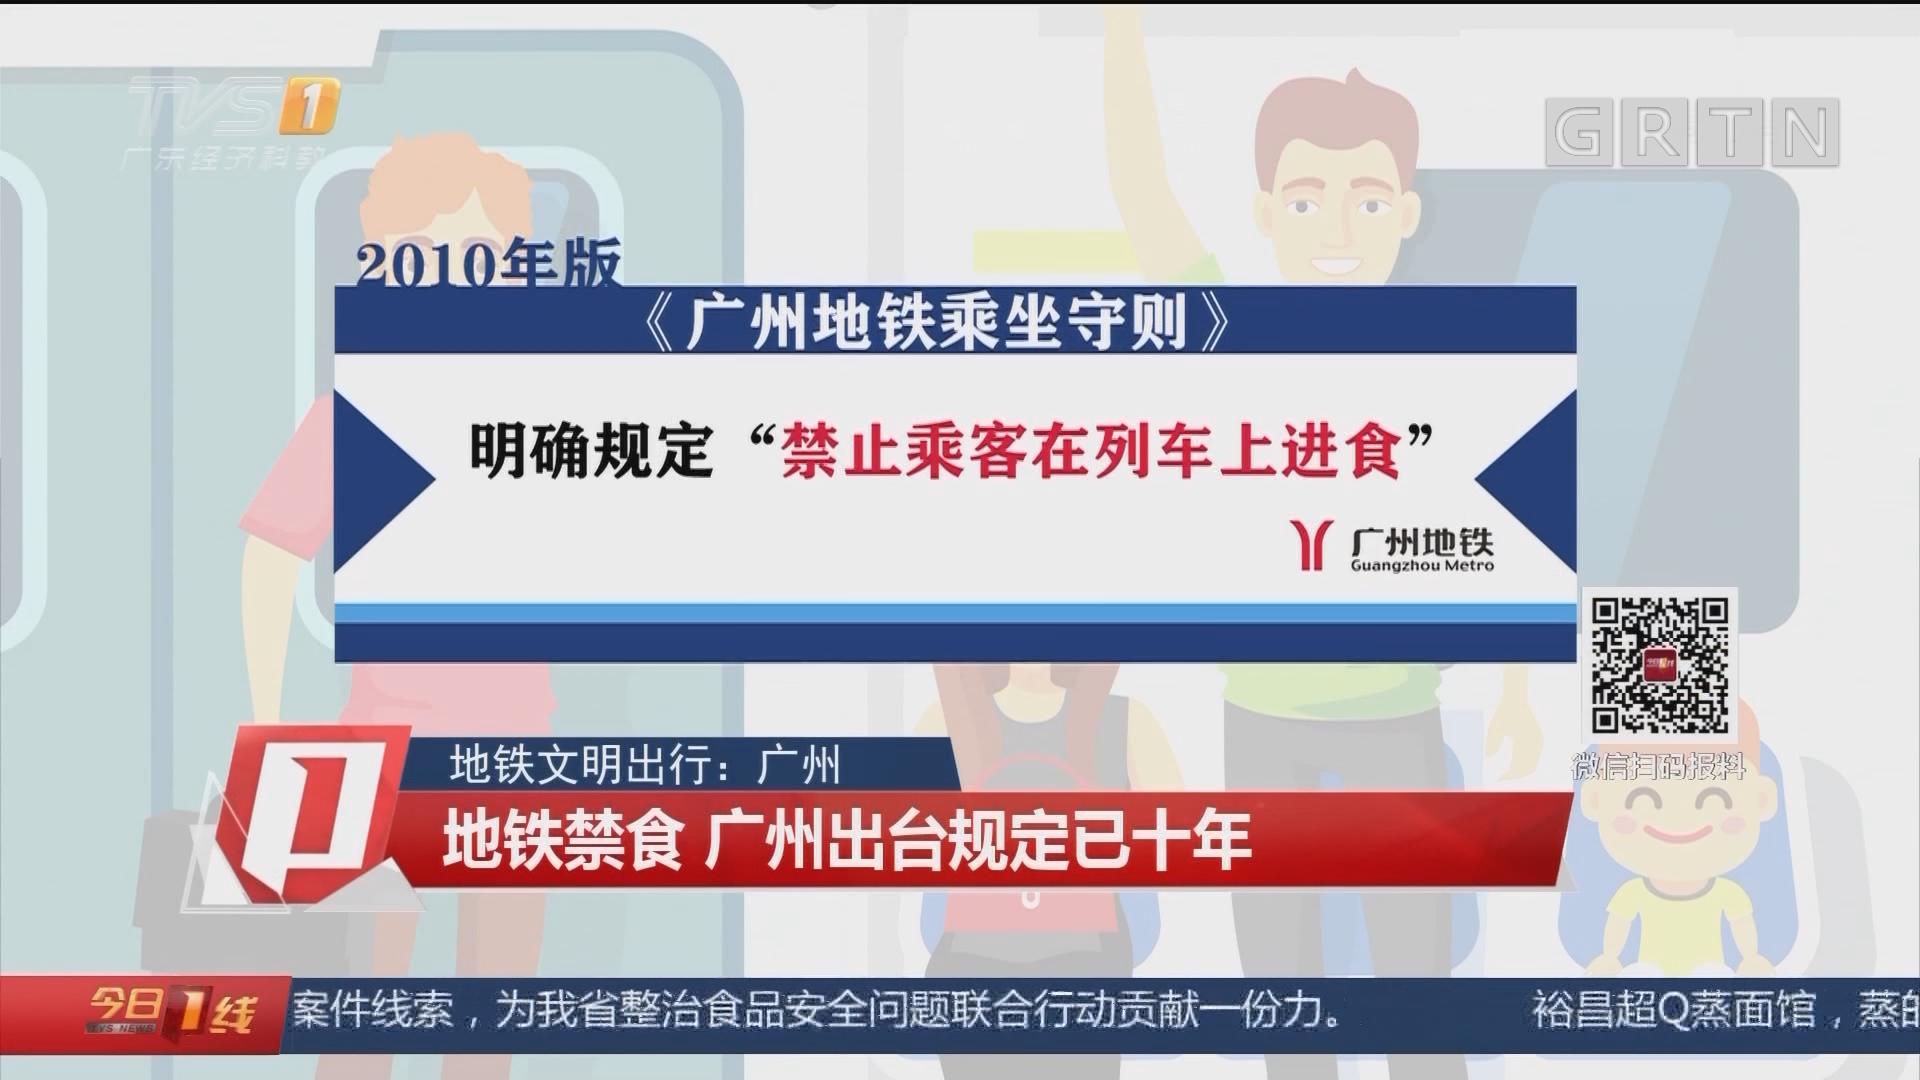 地铁文明出行:广州 地铁禁食 广州出台规定已十年